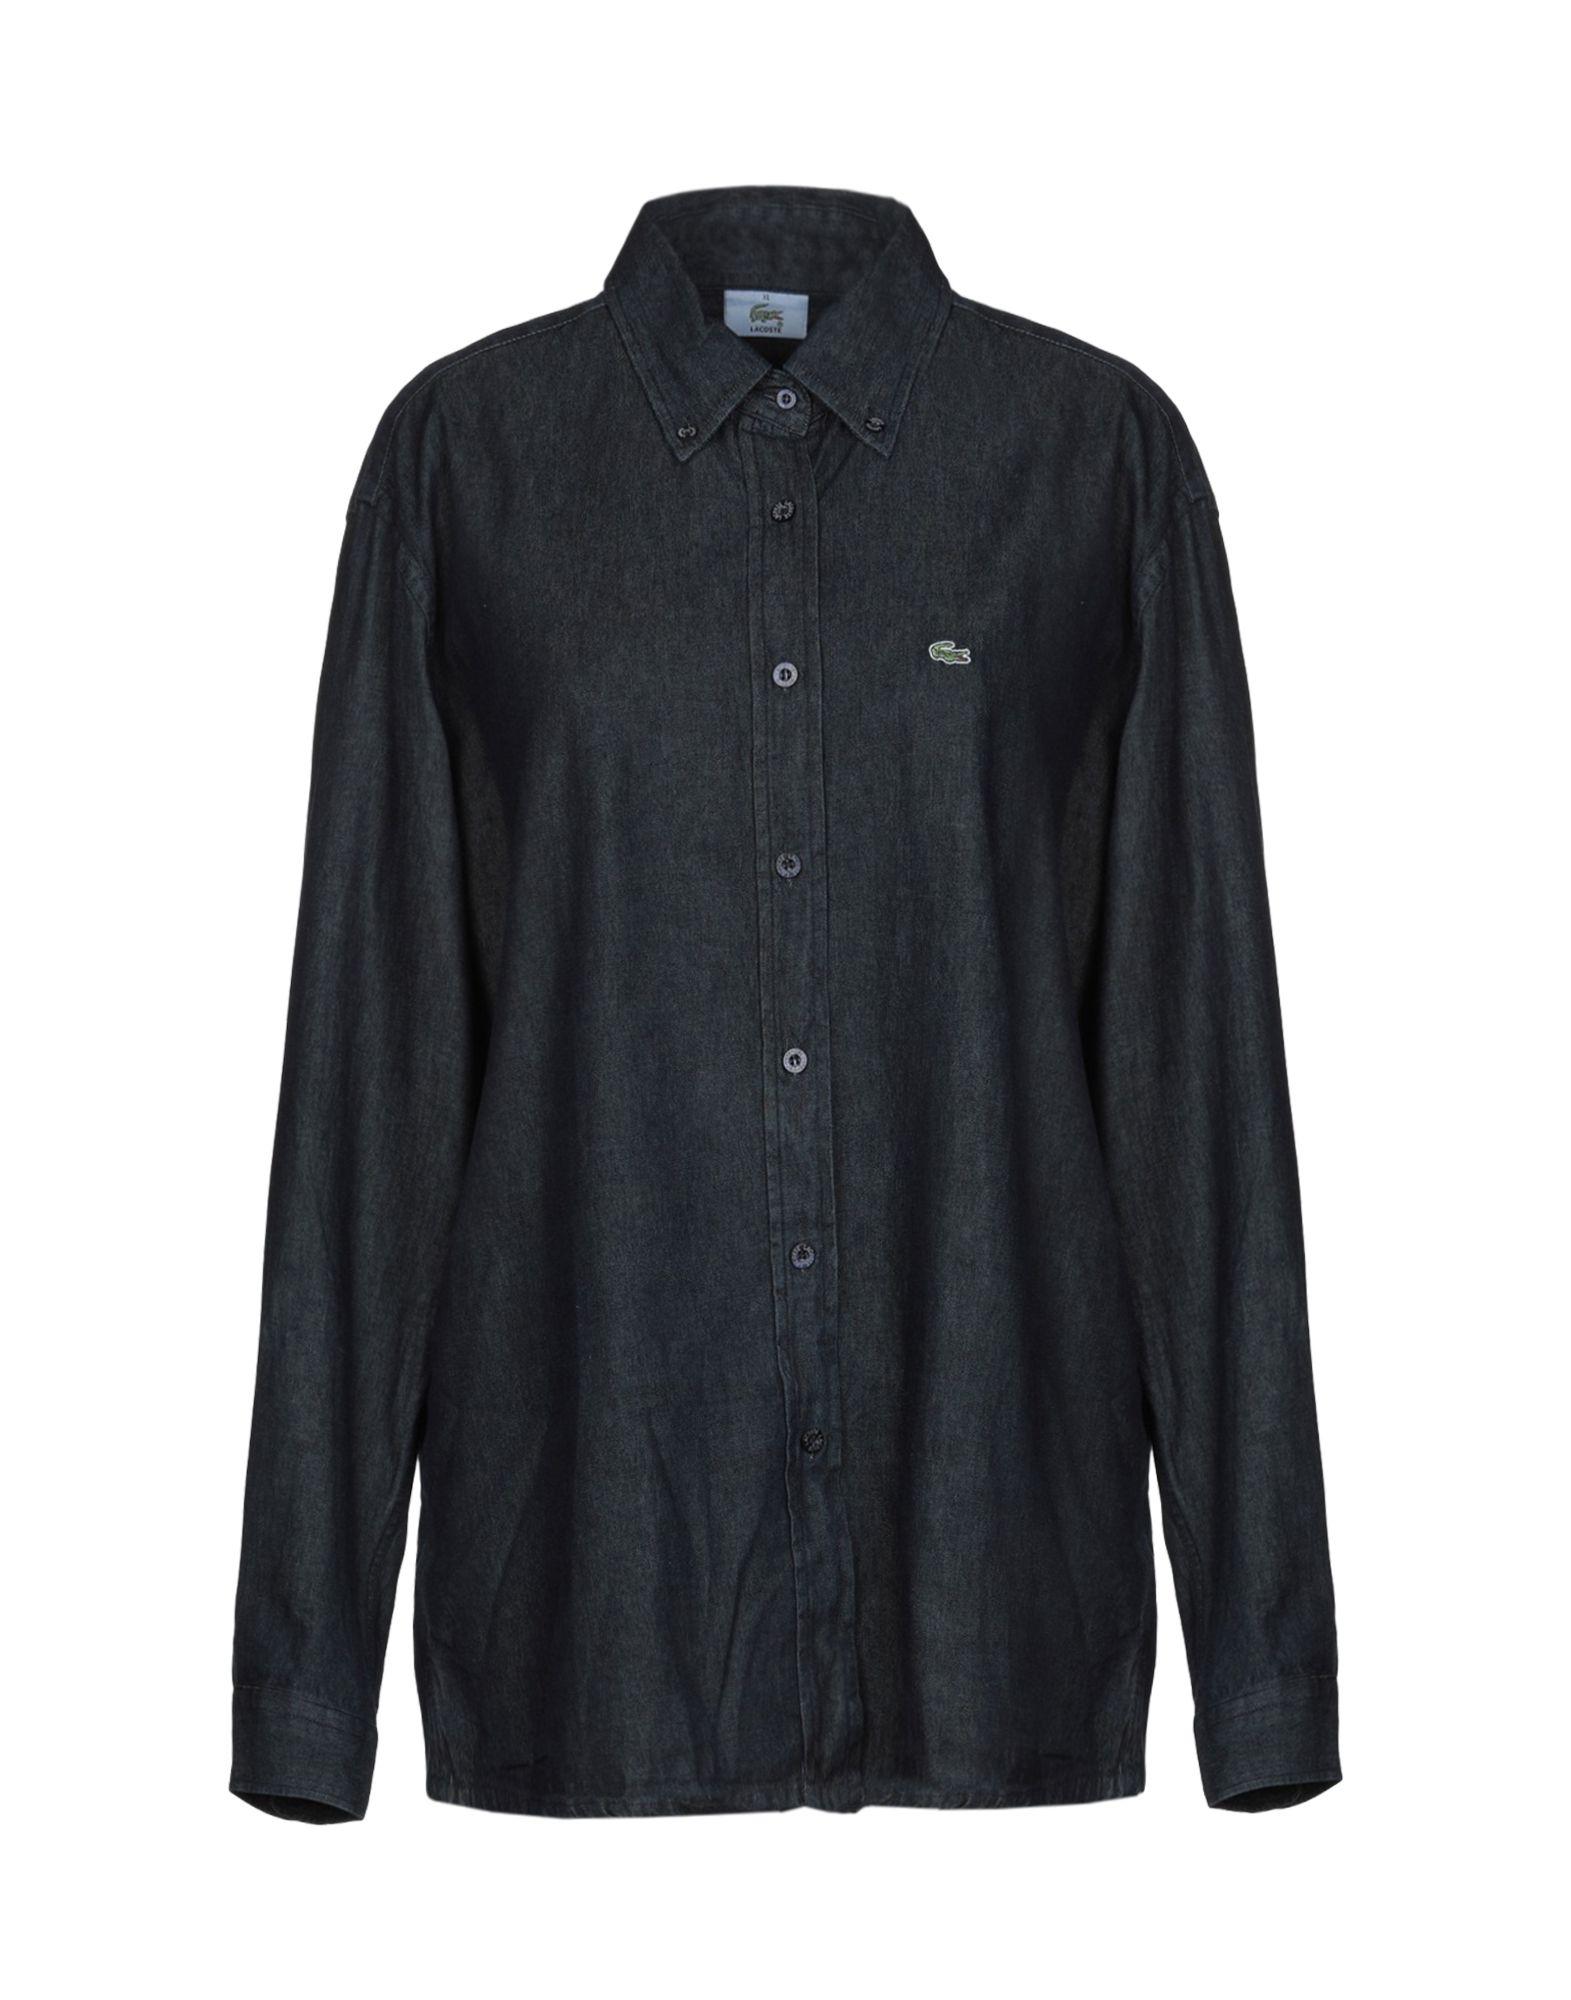 LACOSTE Джинсовая рубашка рубашка lacoste